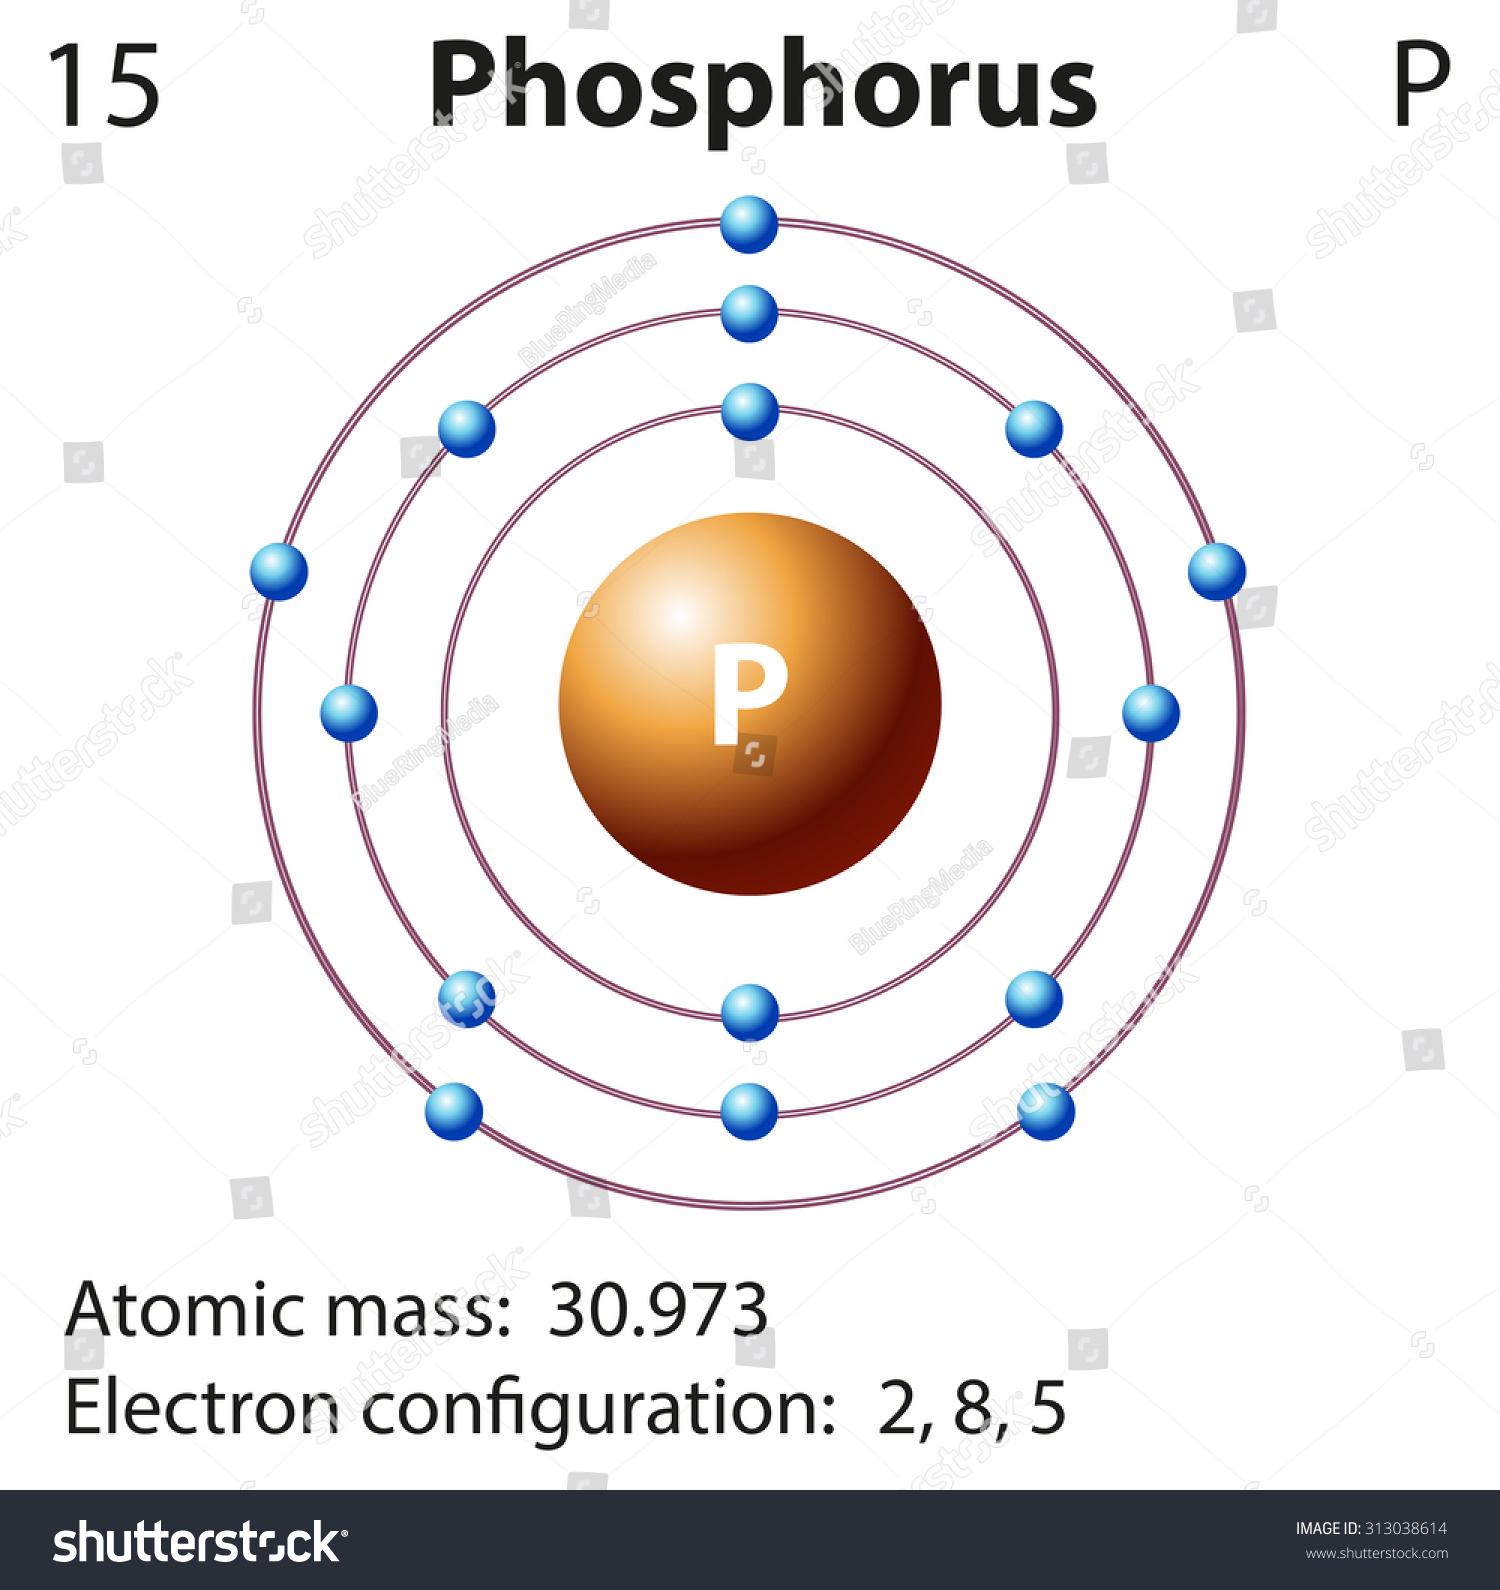 Diagram representation element phosphorus illustration stock diagram representation of the element phosphorus illustration pooptronica